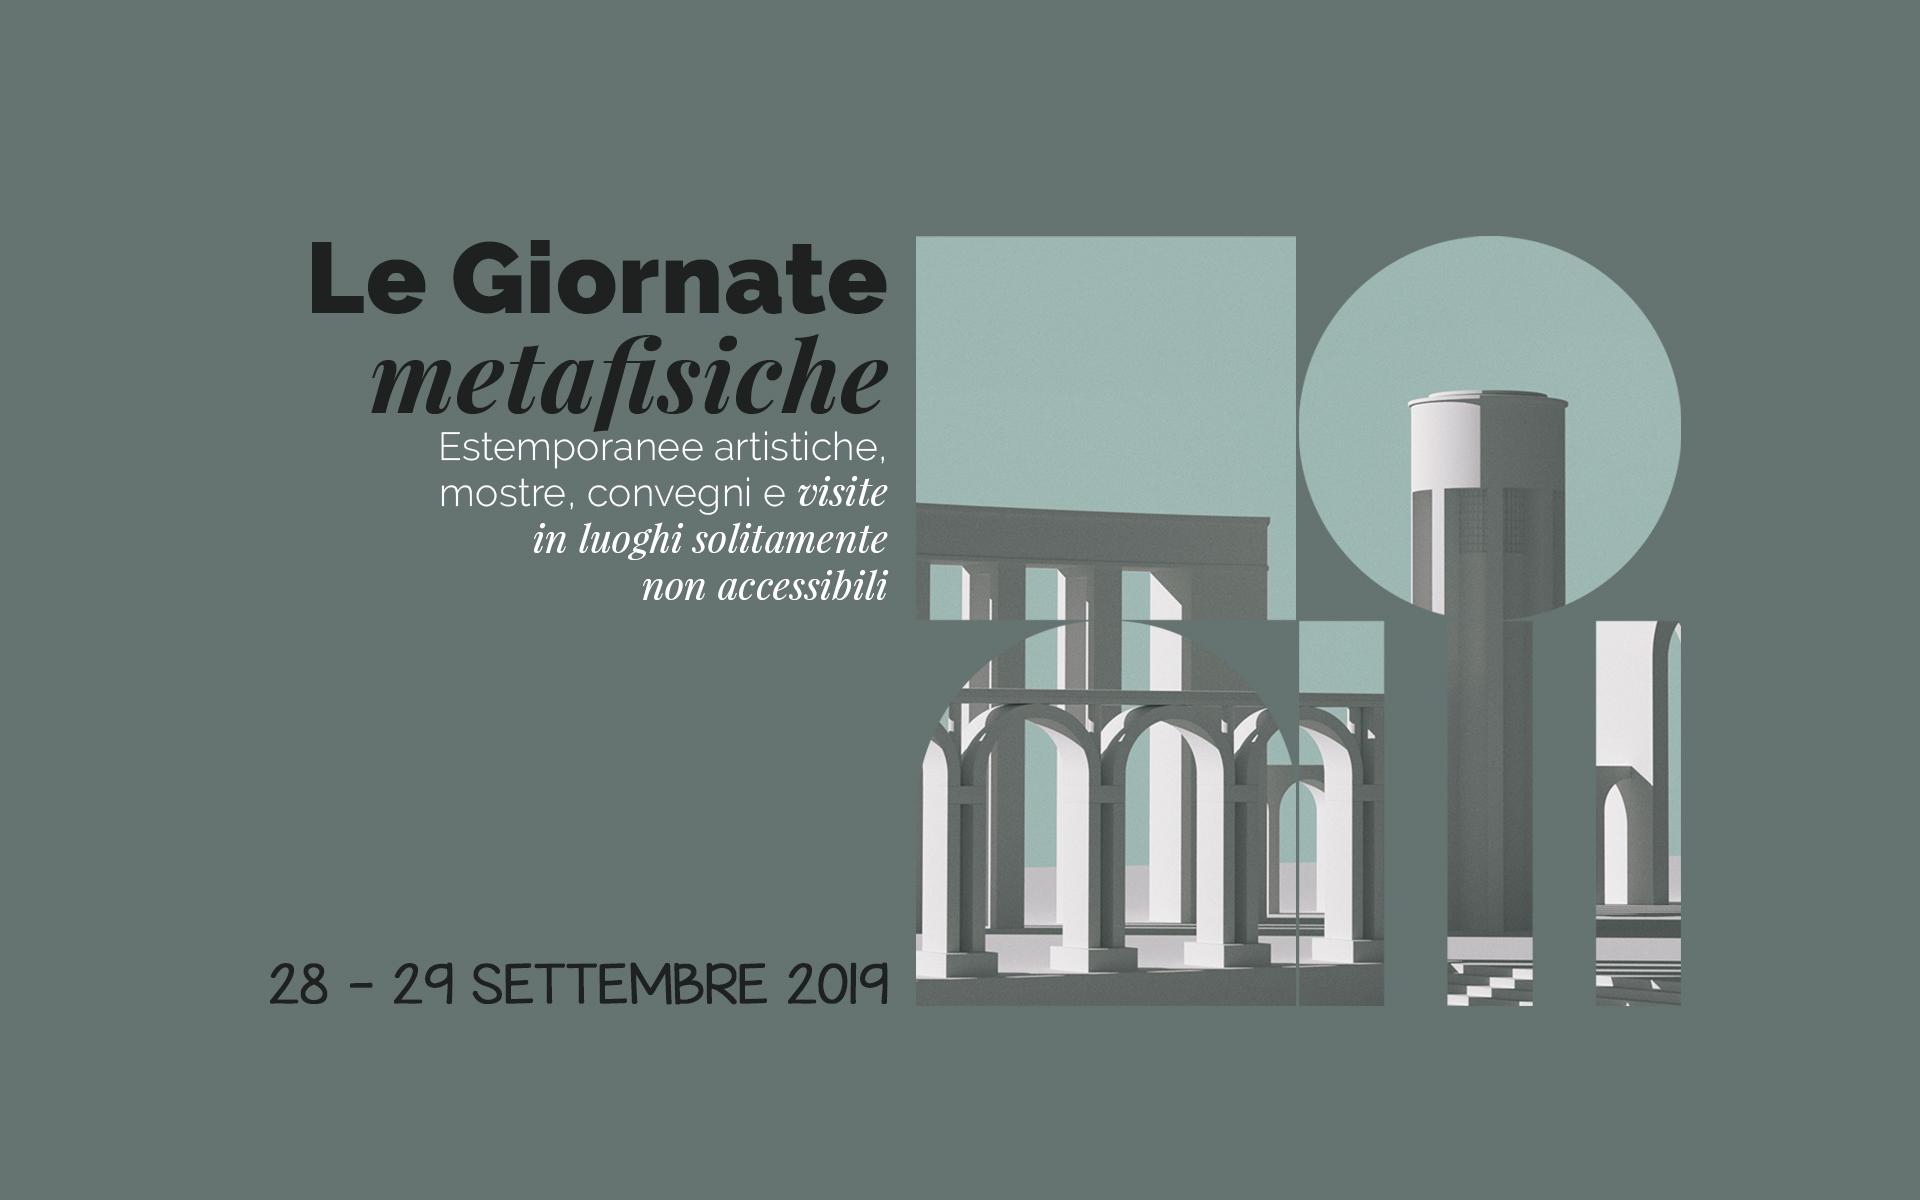 Le-Giornate-metafisiche-slide-2019